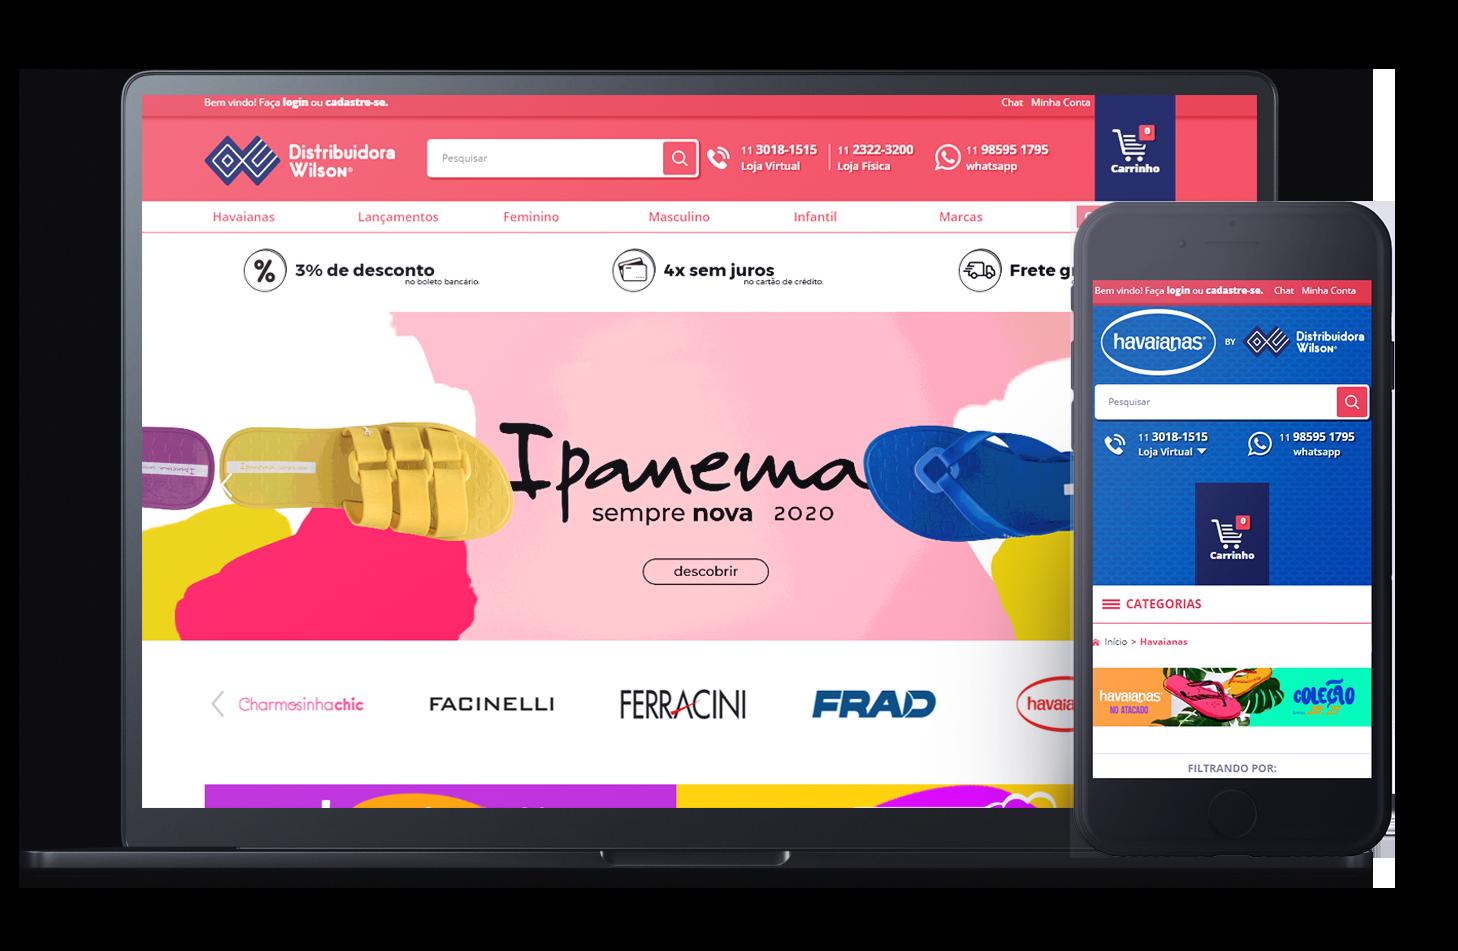 Mockup da loja virtual Distribuidora Wilson, desenvolvida com a Plataforma de E-commerce Magento Bis2Bis